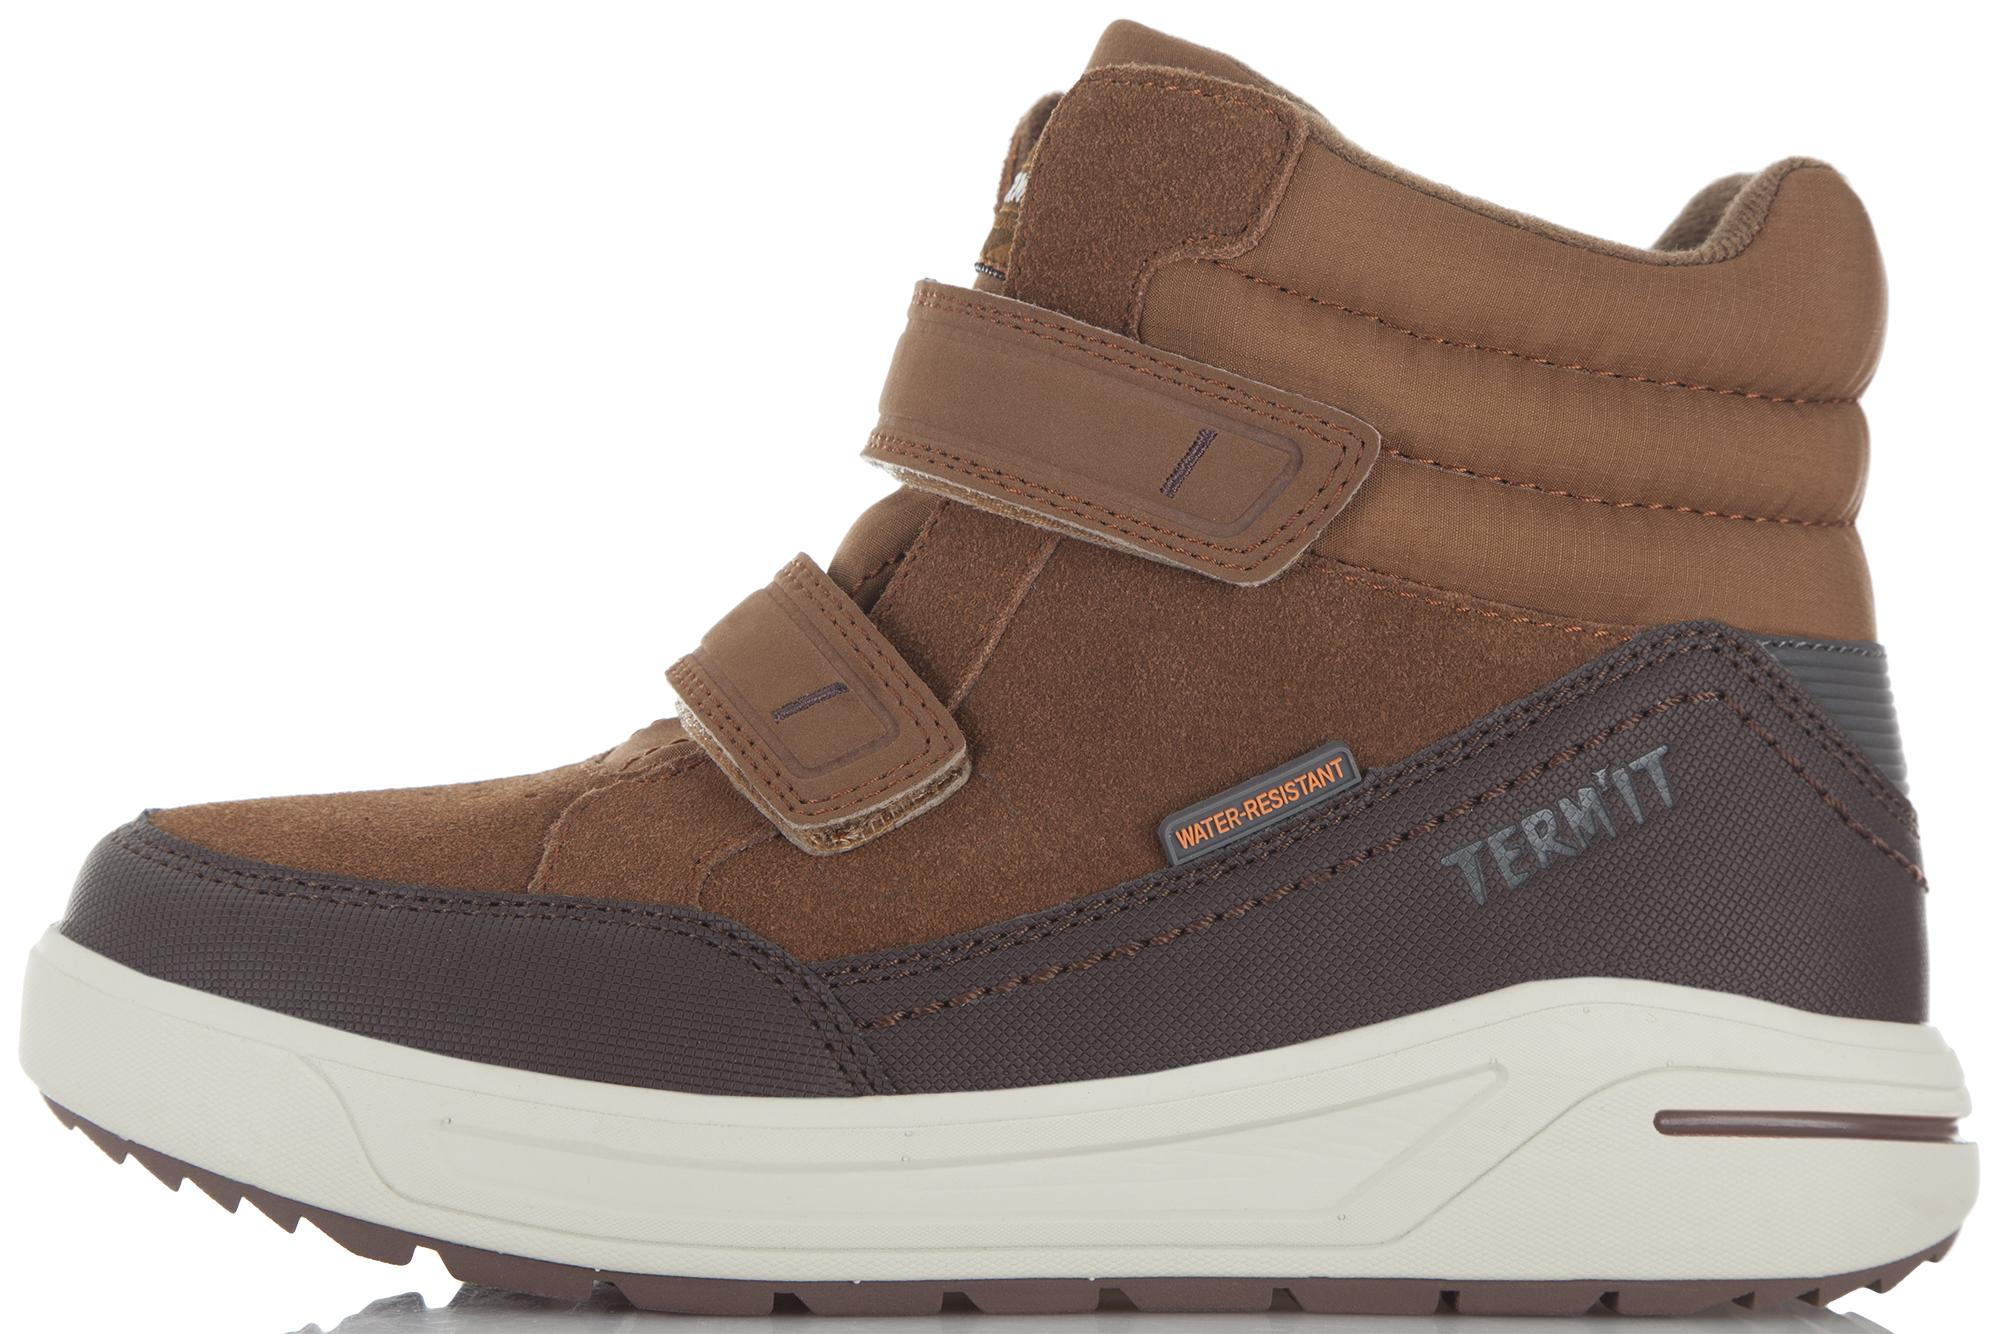 Termit Ботинки утепленные для мальчиков Termit Bomboot, размер 38 цена